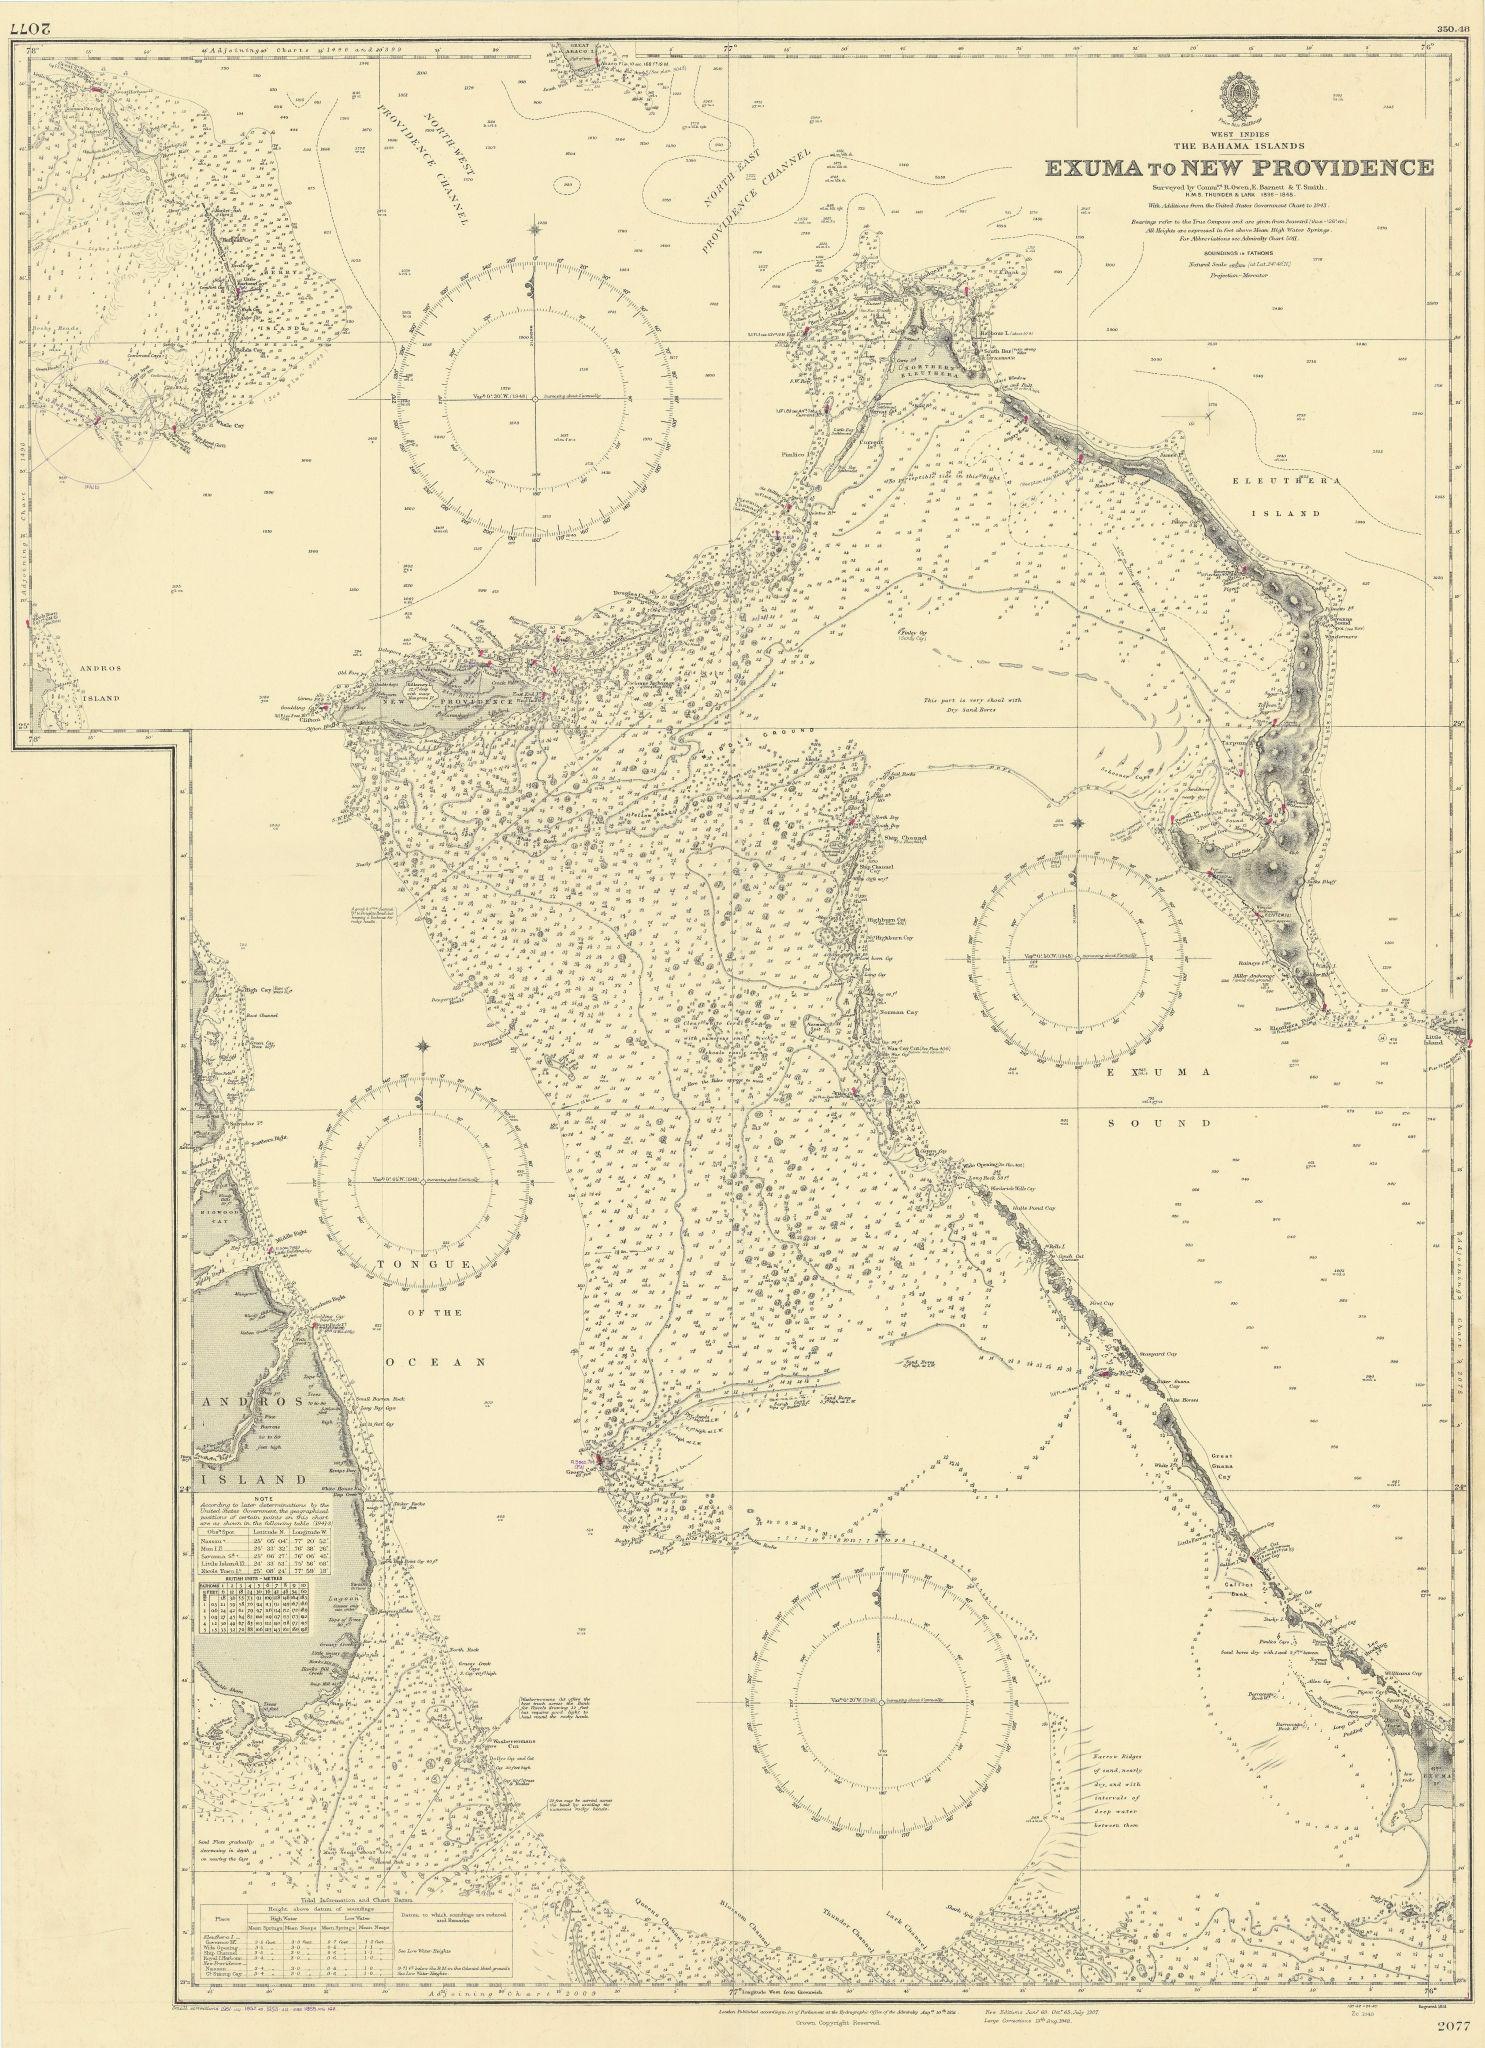 Bahamas Exuma Eleuthera New Providence Andros ADMIRALTY chart 1851 (1955) map